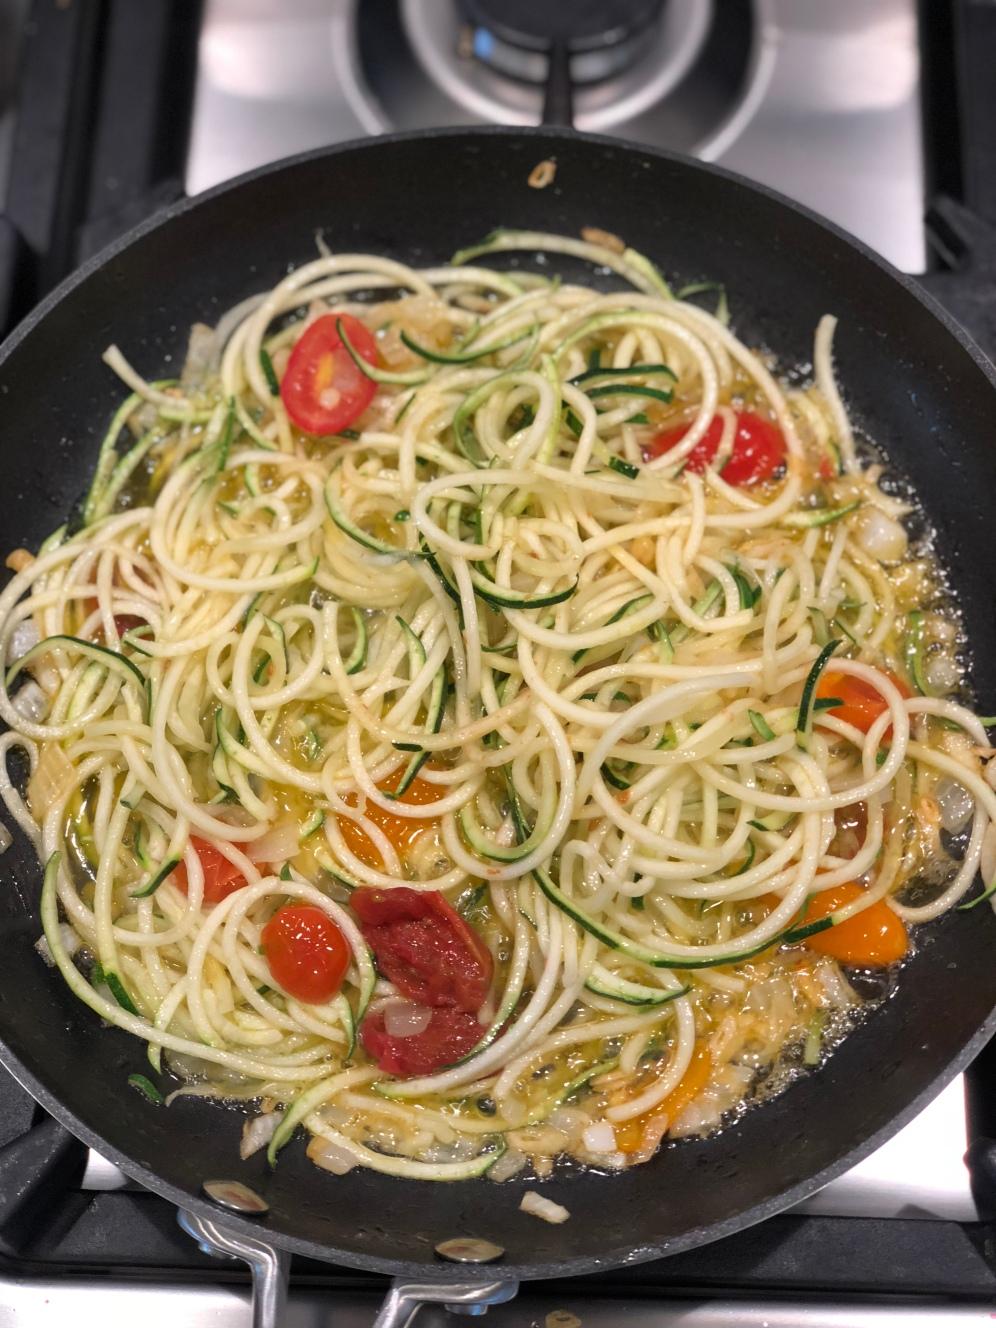 A Zucchini Delight.